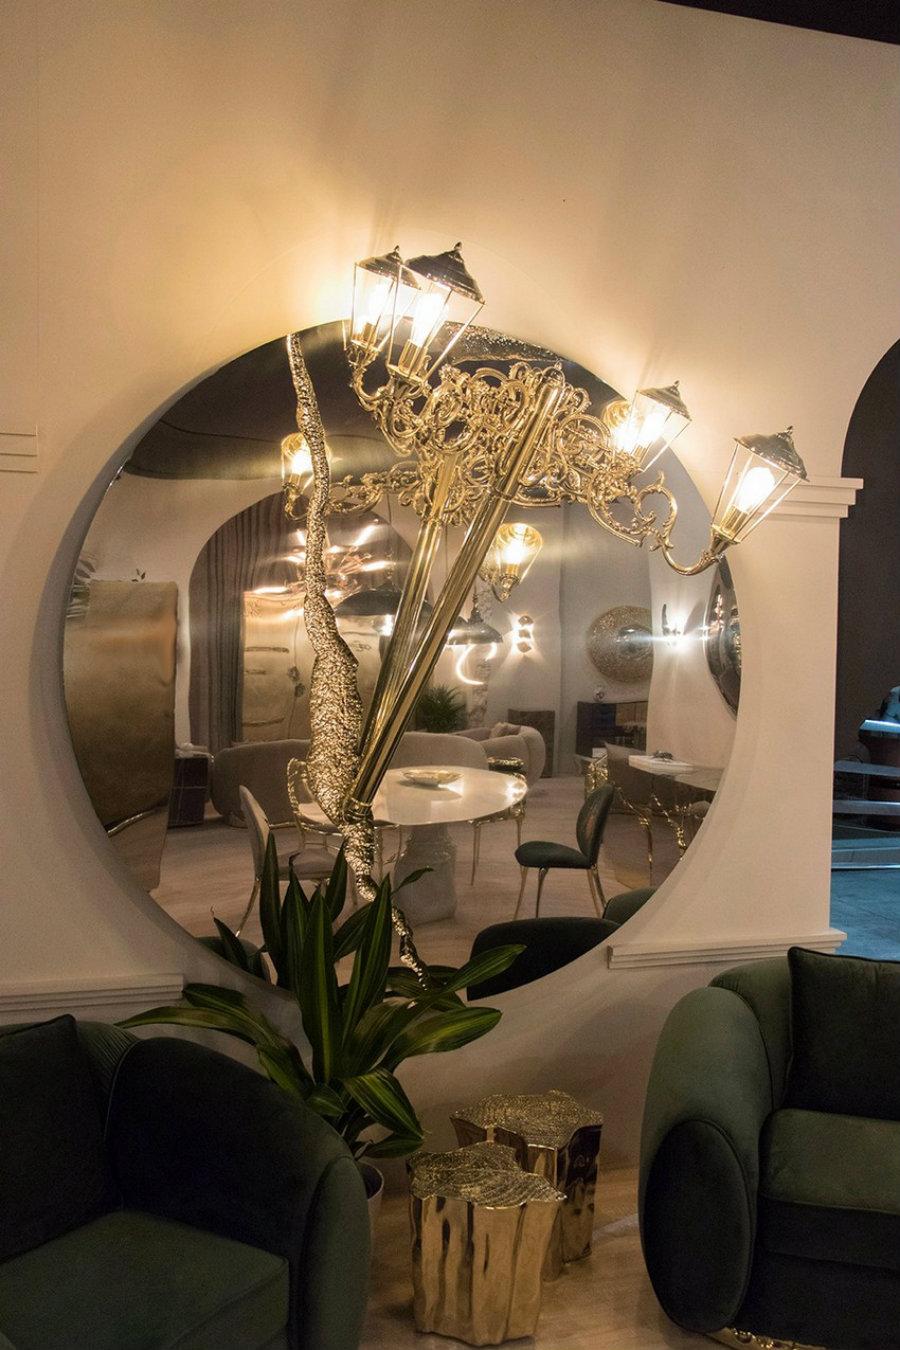 maison et objet MAISON ET OBJET : A LOOK INTO SOME OF THE NEW PIECES lumiere round mirror